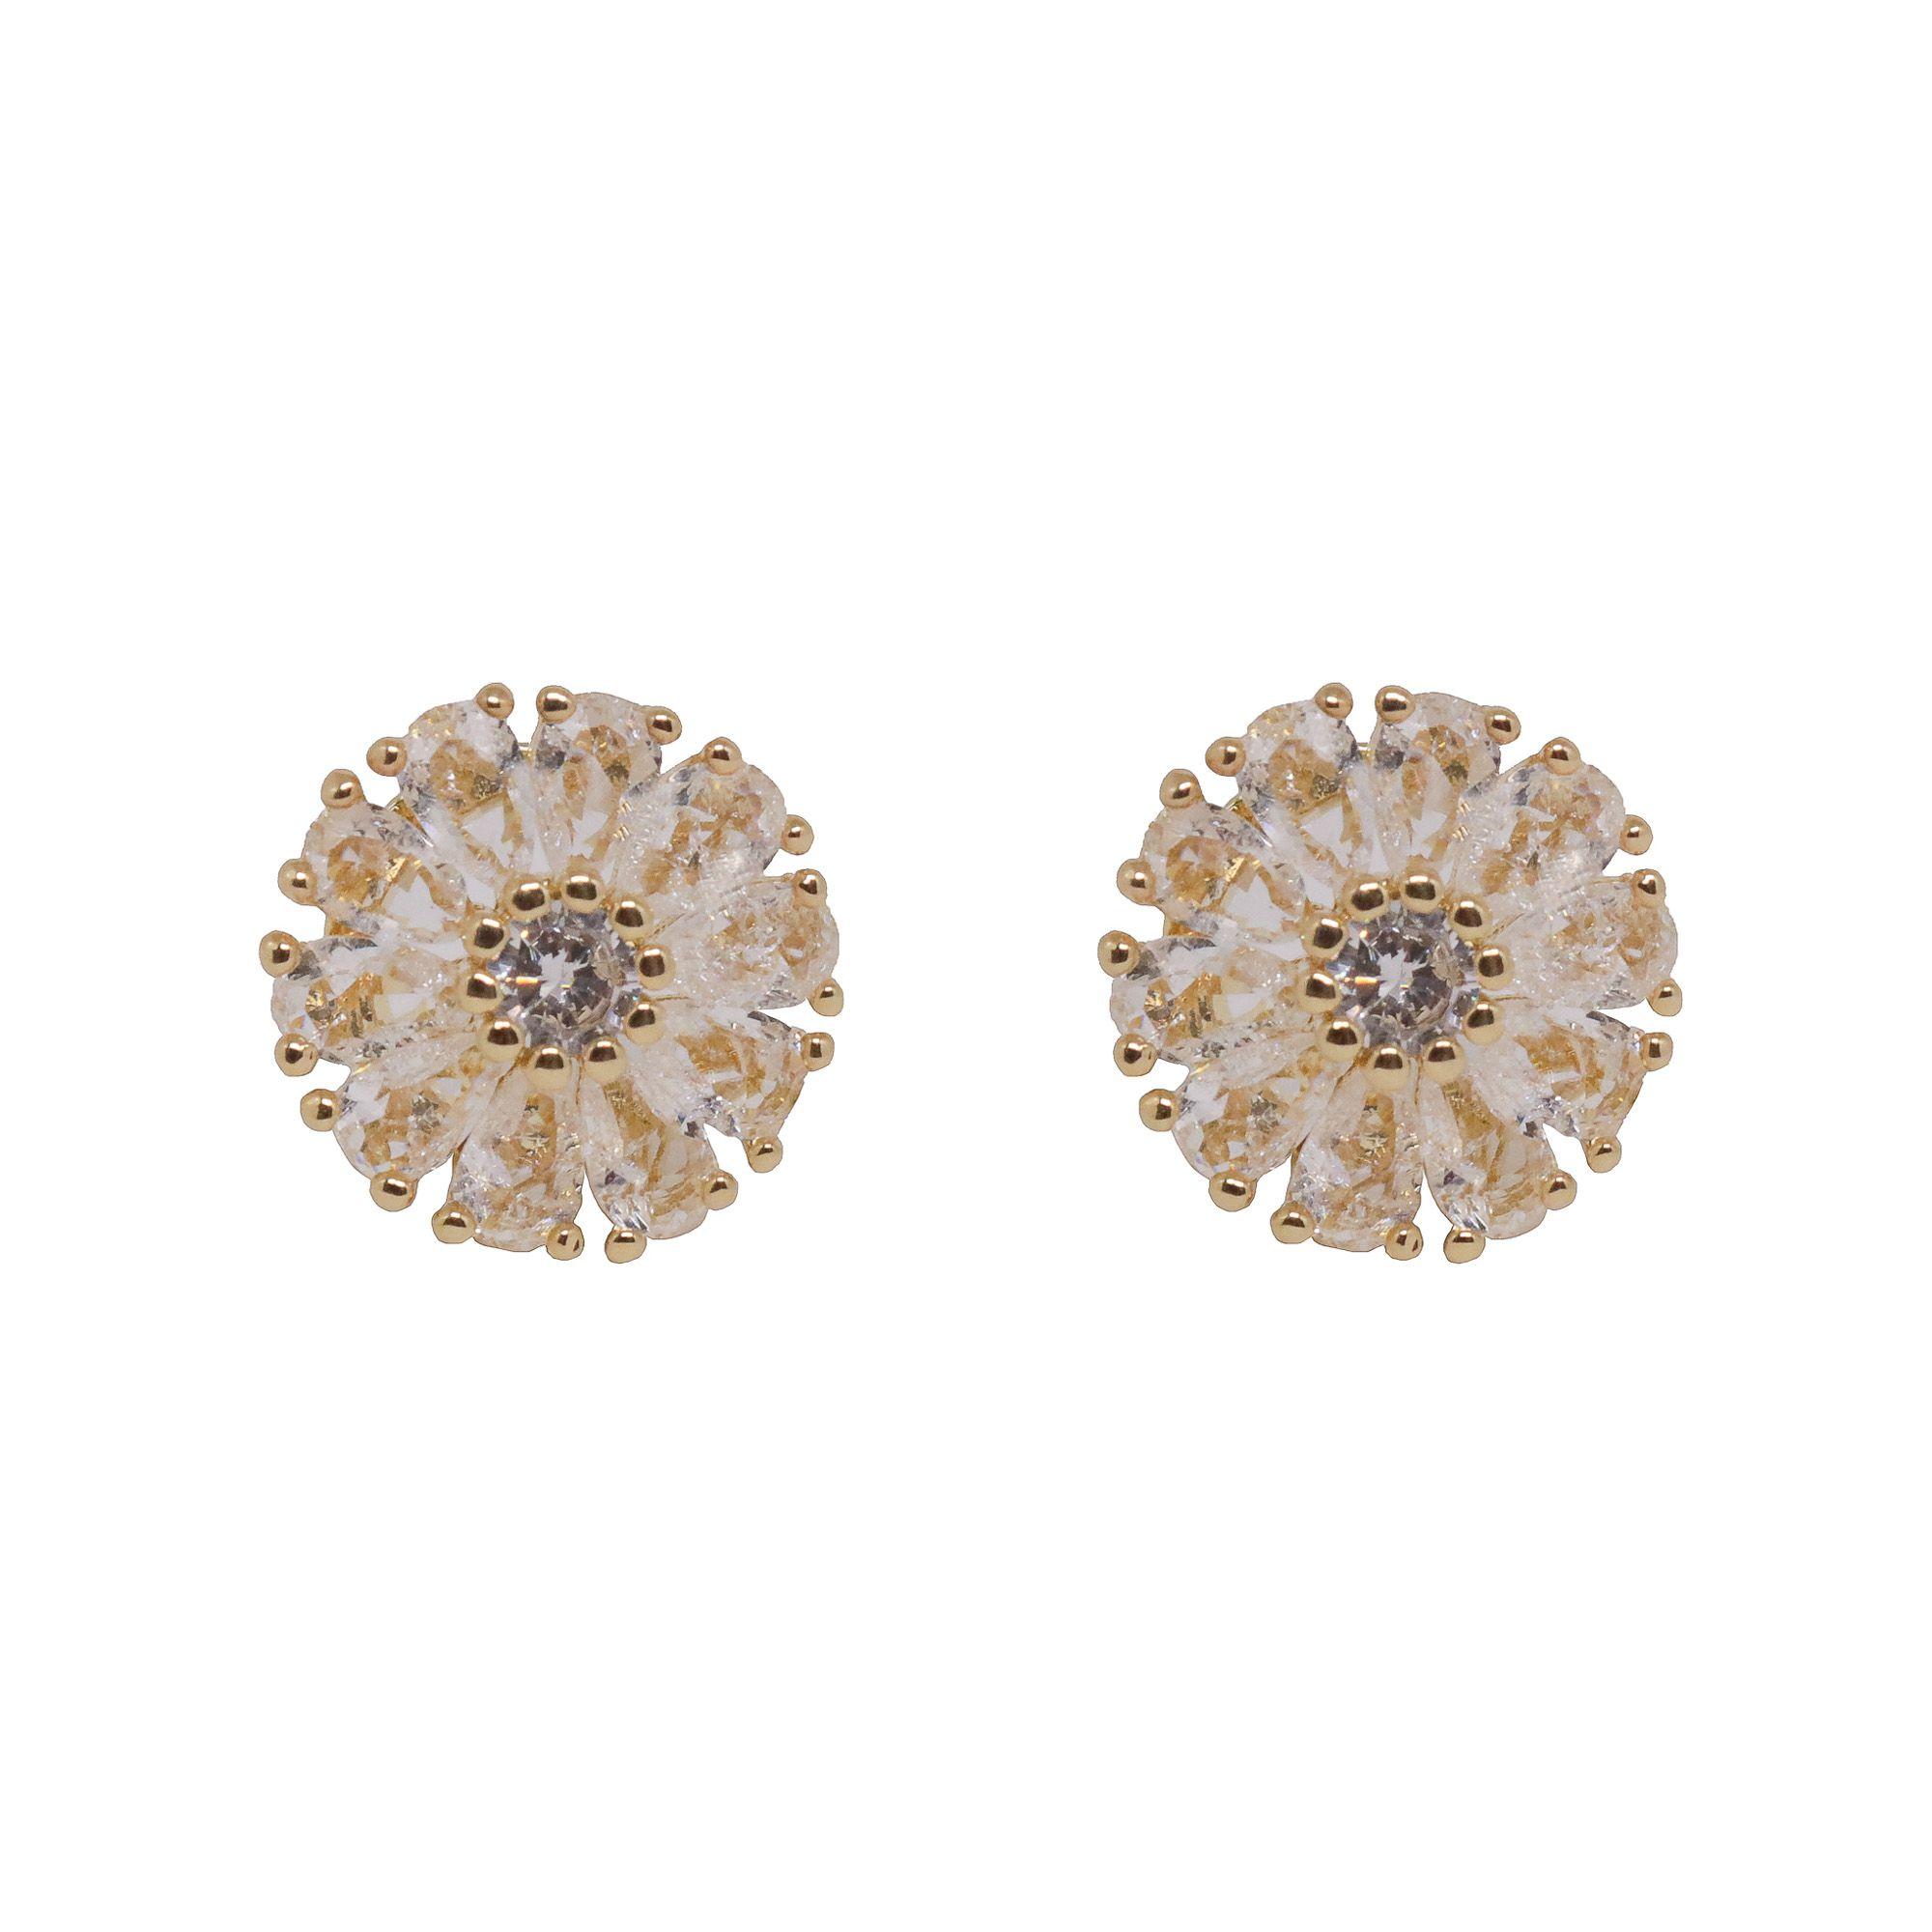 Brinco Semi joia  flor  zircônia Fusion banhado a ouro 18k ou rhodium